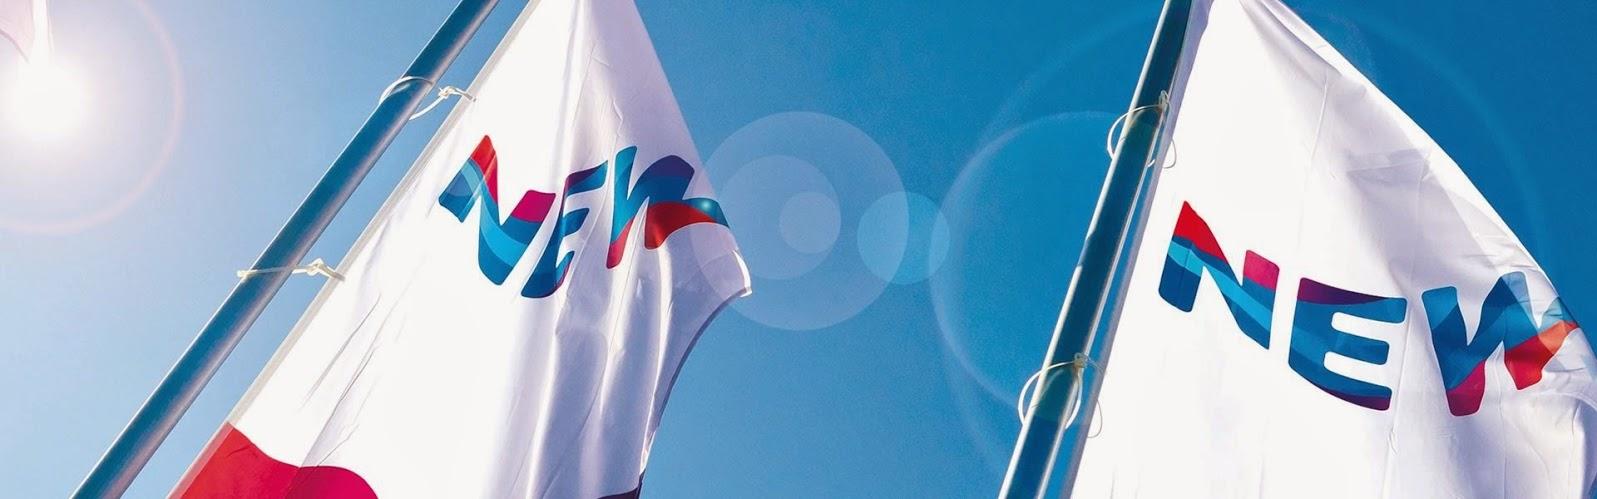 Die Flaggen der NEW Energie bzw. des Mutterkonzerns NEW AG.